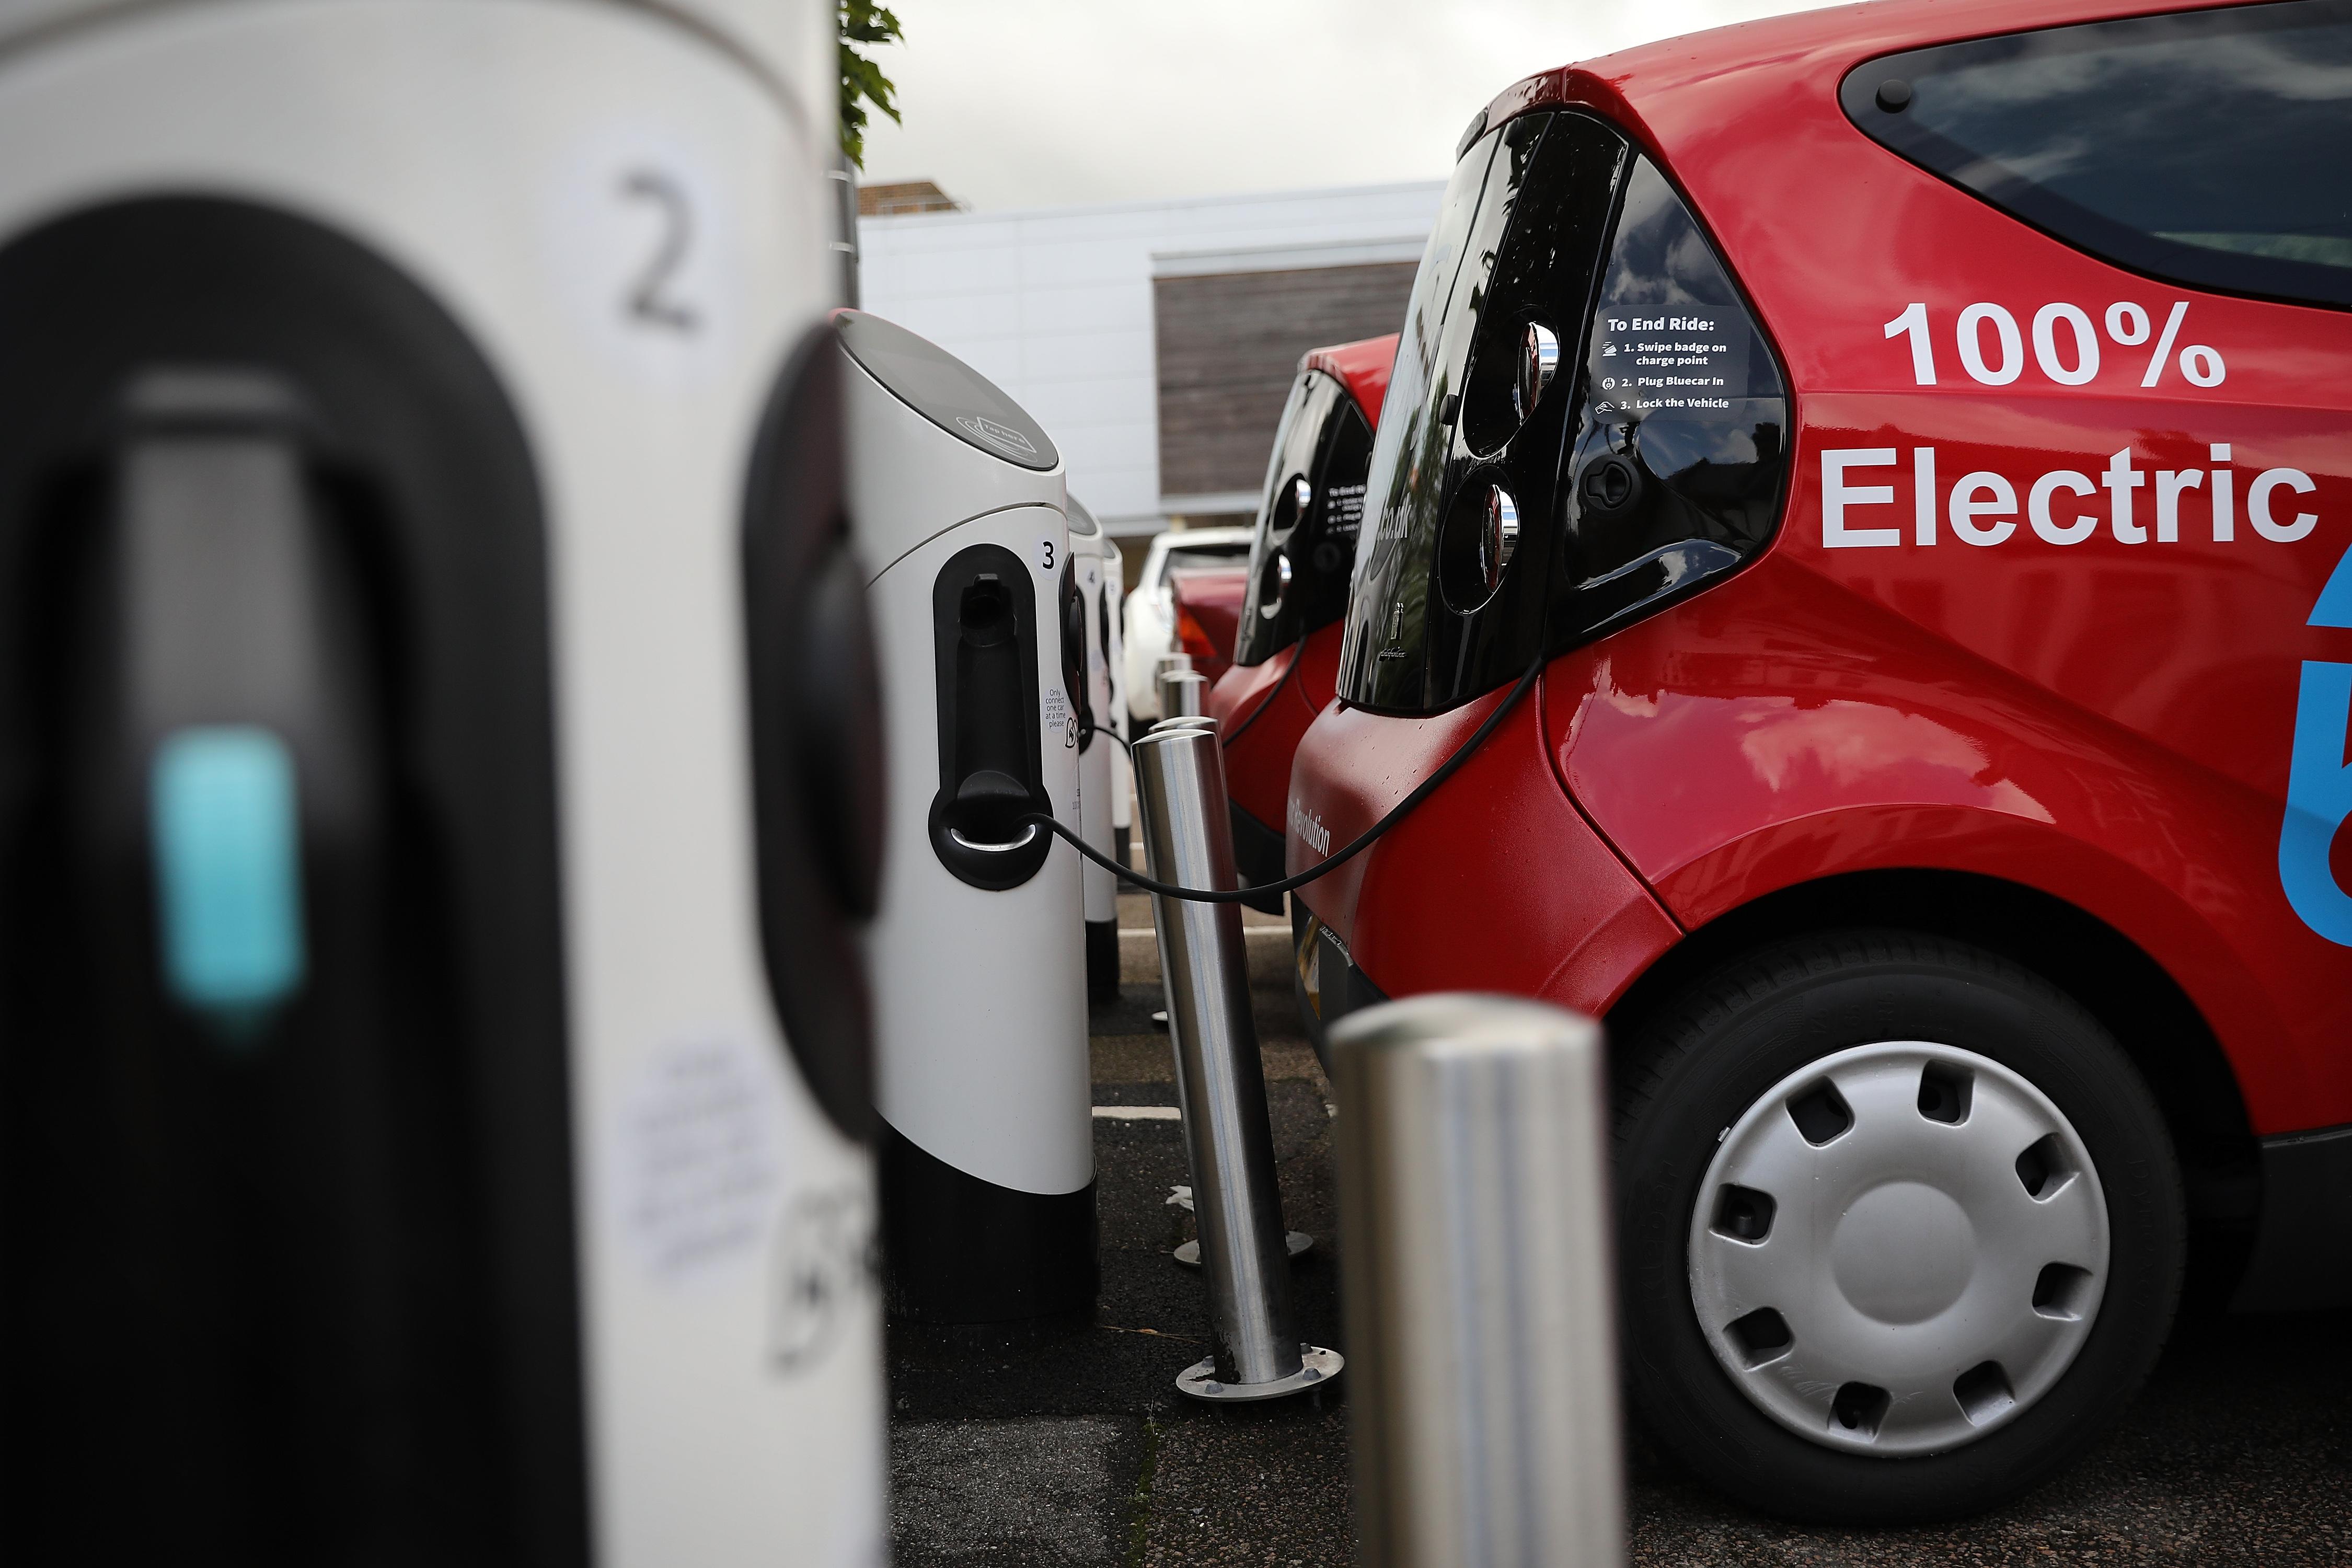 نسمع كثيراً عن مزايا السيارات الكهربائية، ولكن ماذا عن العيوب؟